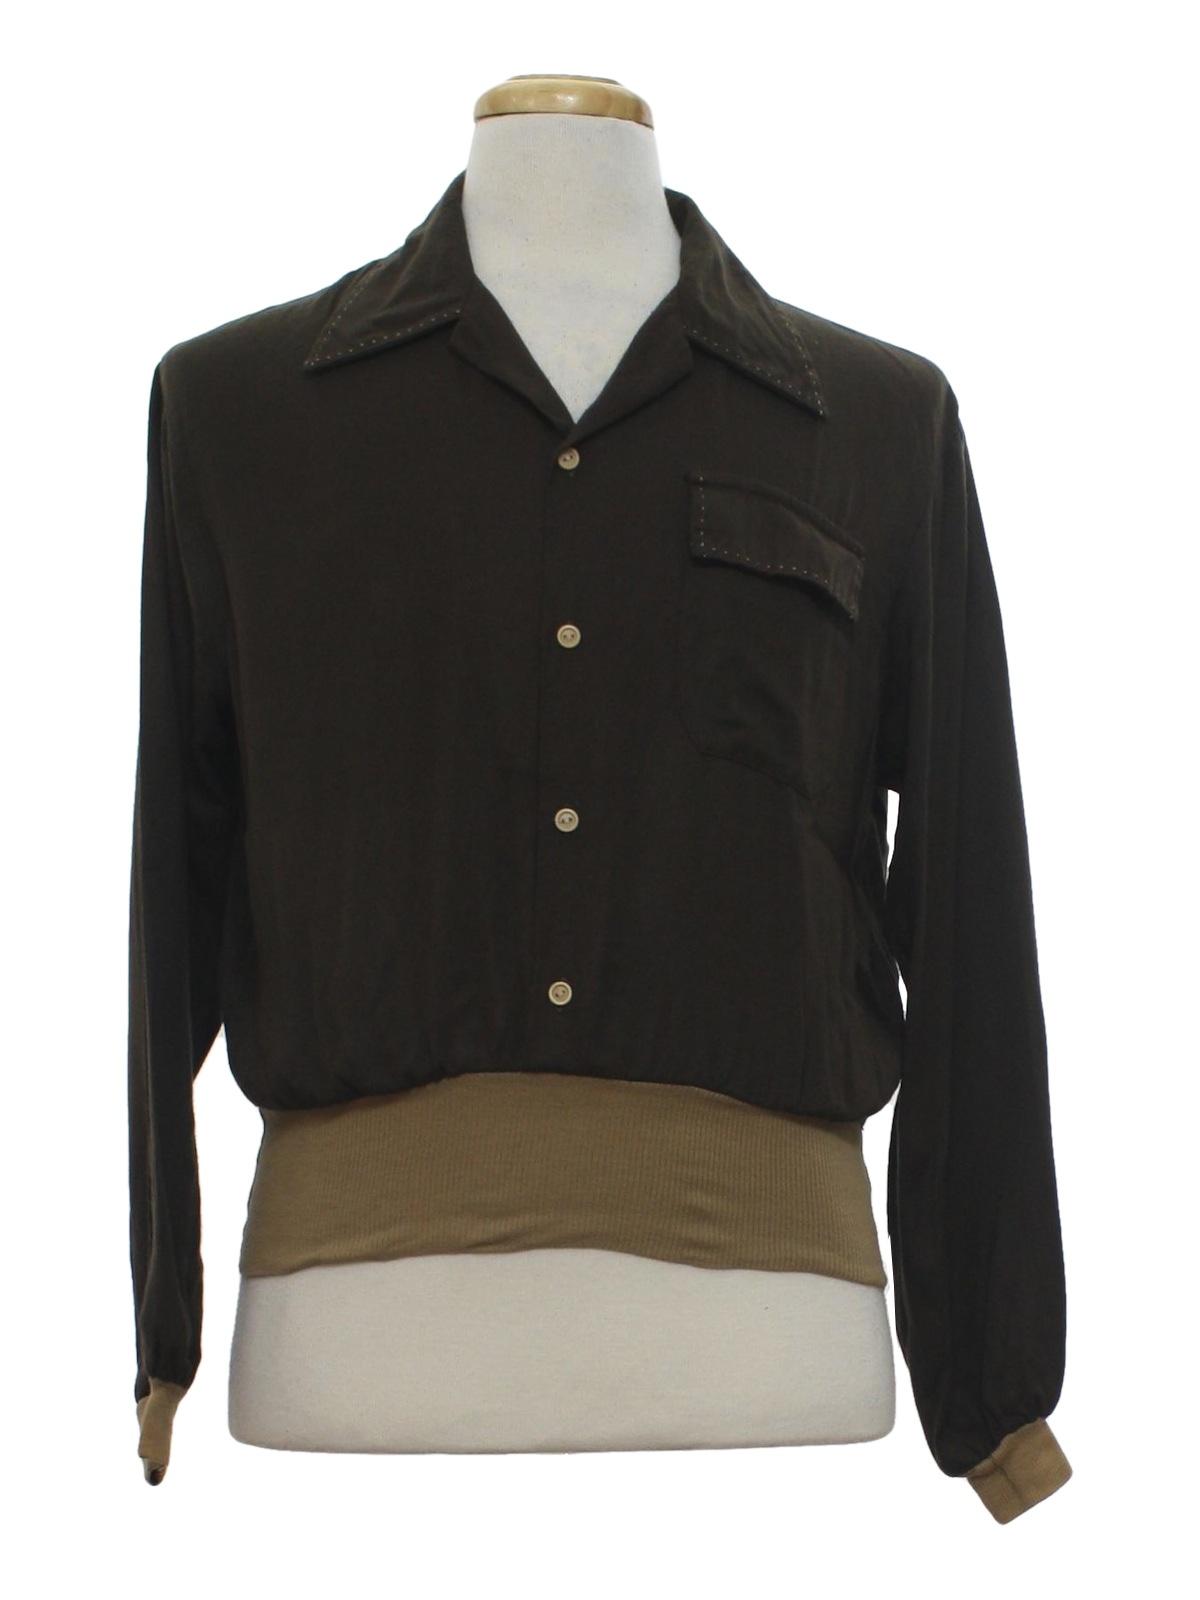 40s gabardine shirt kennington 40s style made in 60s for Sports shirts near me